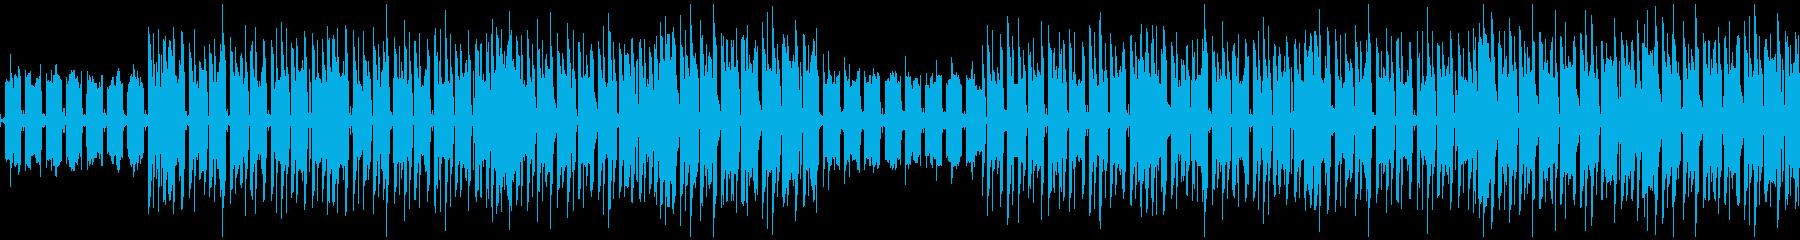 落ち着いてるデジタルなBGM(ループ)の再生済みの波形